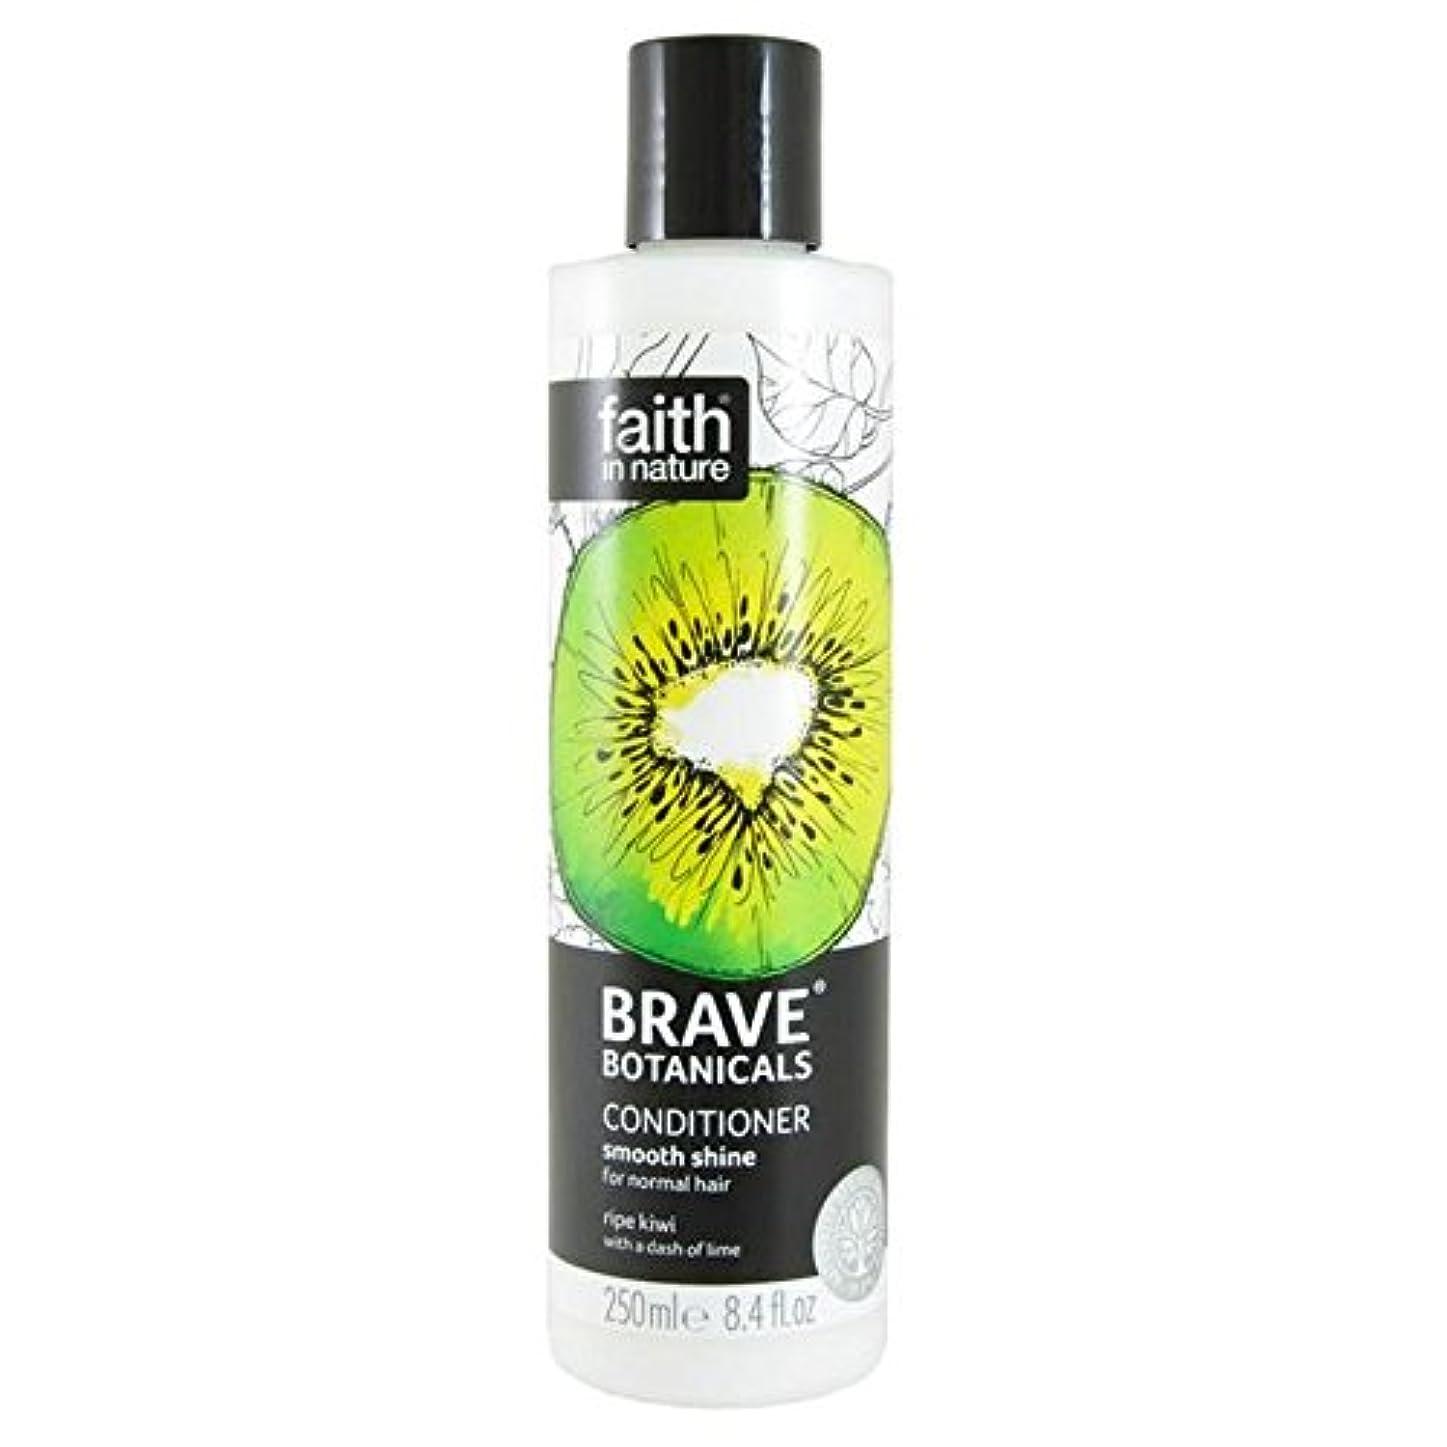 メディックバーゲン不満Brave Botanicals Kiwi & Lime Smooth Shine Conditioner 250ml (Pack of 4) - (Faith In Nature) 勇敢な植物キウイ&ライムなめらかな輝...